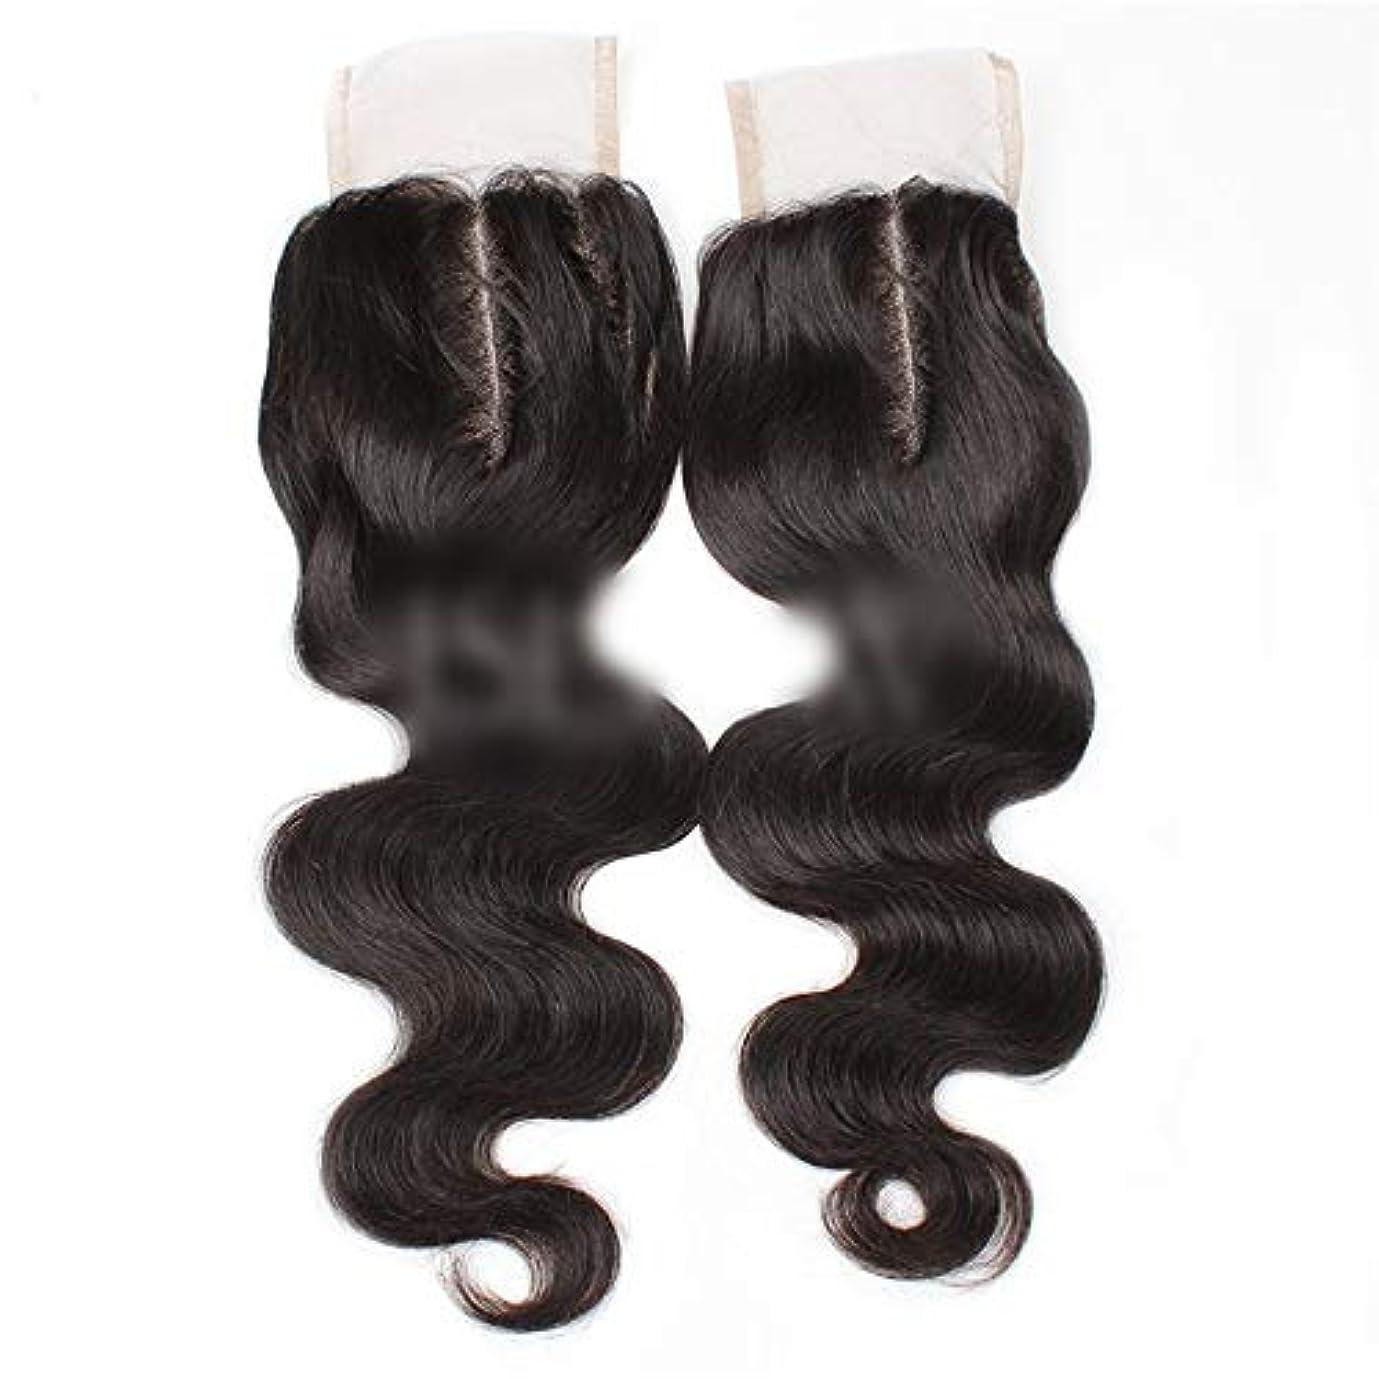 過言再発する改修HOHYLLYA 9aブラジル髪実体波中間部4×4レース閉鎖人間の髪の毛ナチュラルブラック8